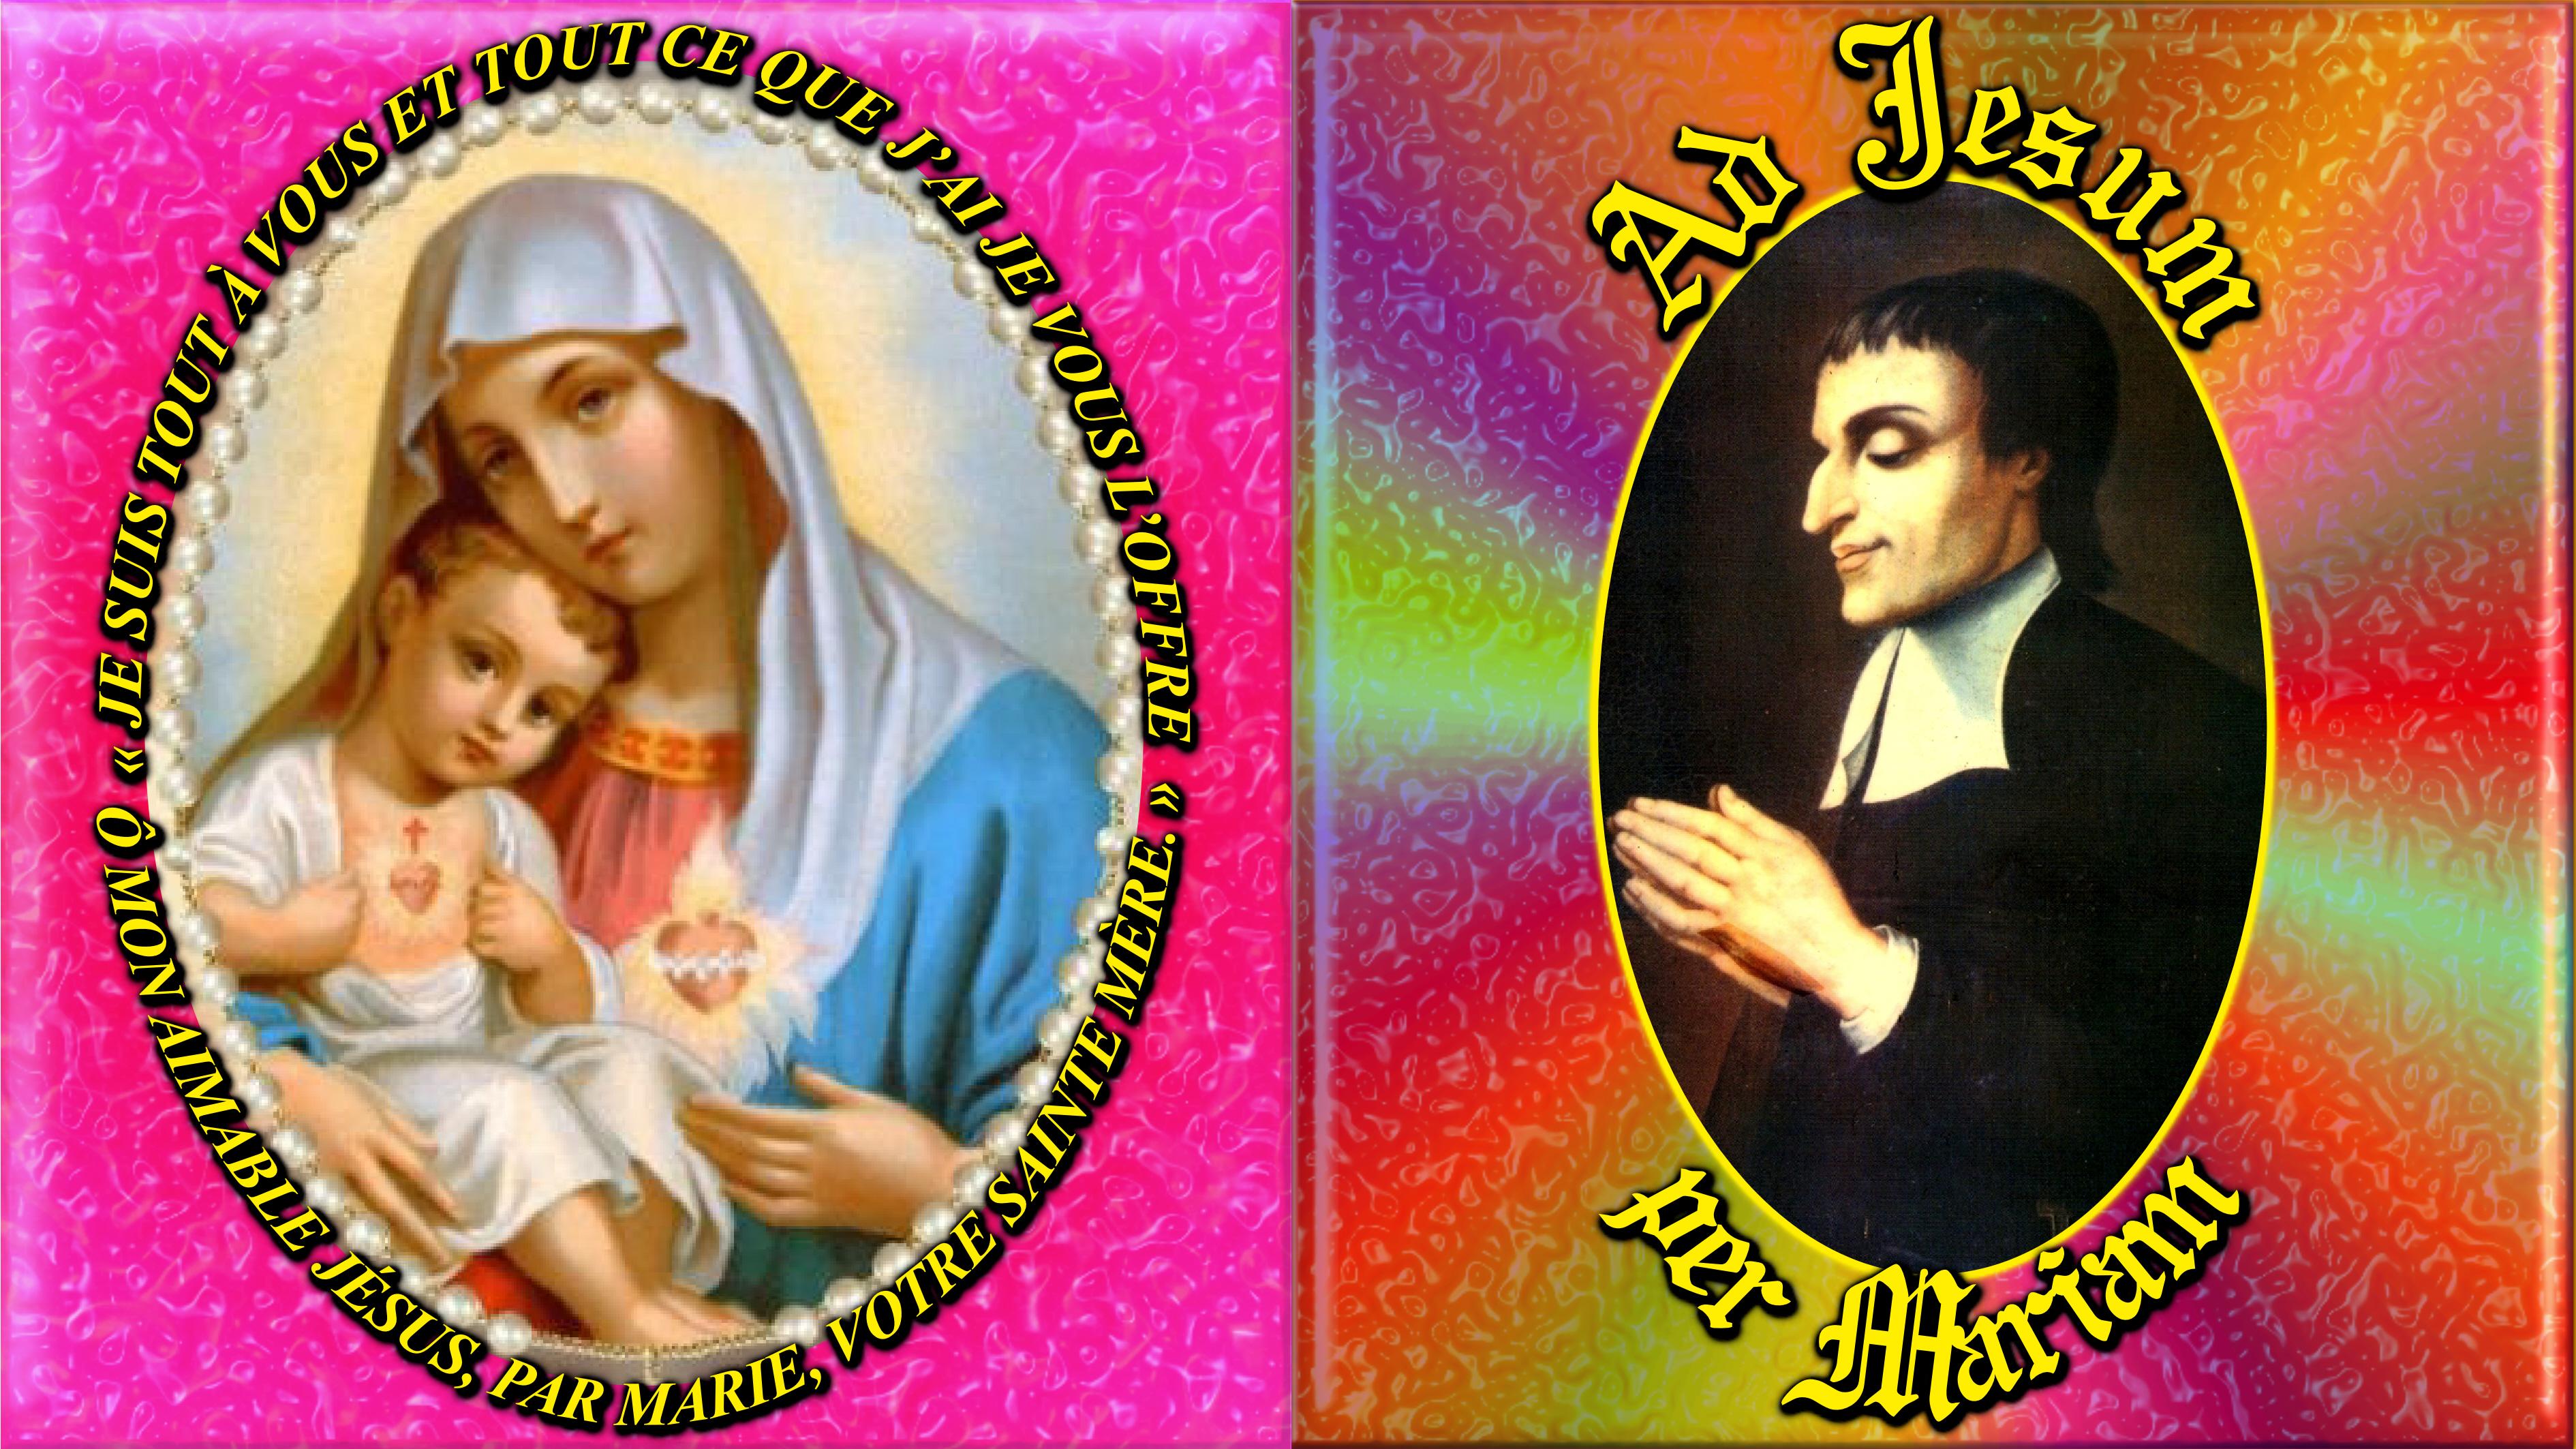 CALENDRIER CATHOLIQUE 2020 (Cantiques, Prières & Images) - Page 12 Cons-cration-mont...-mariam--5749348